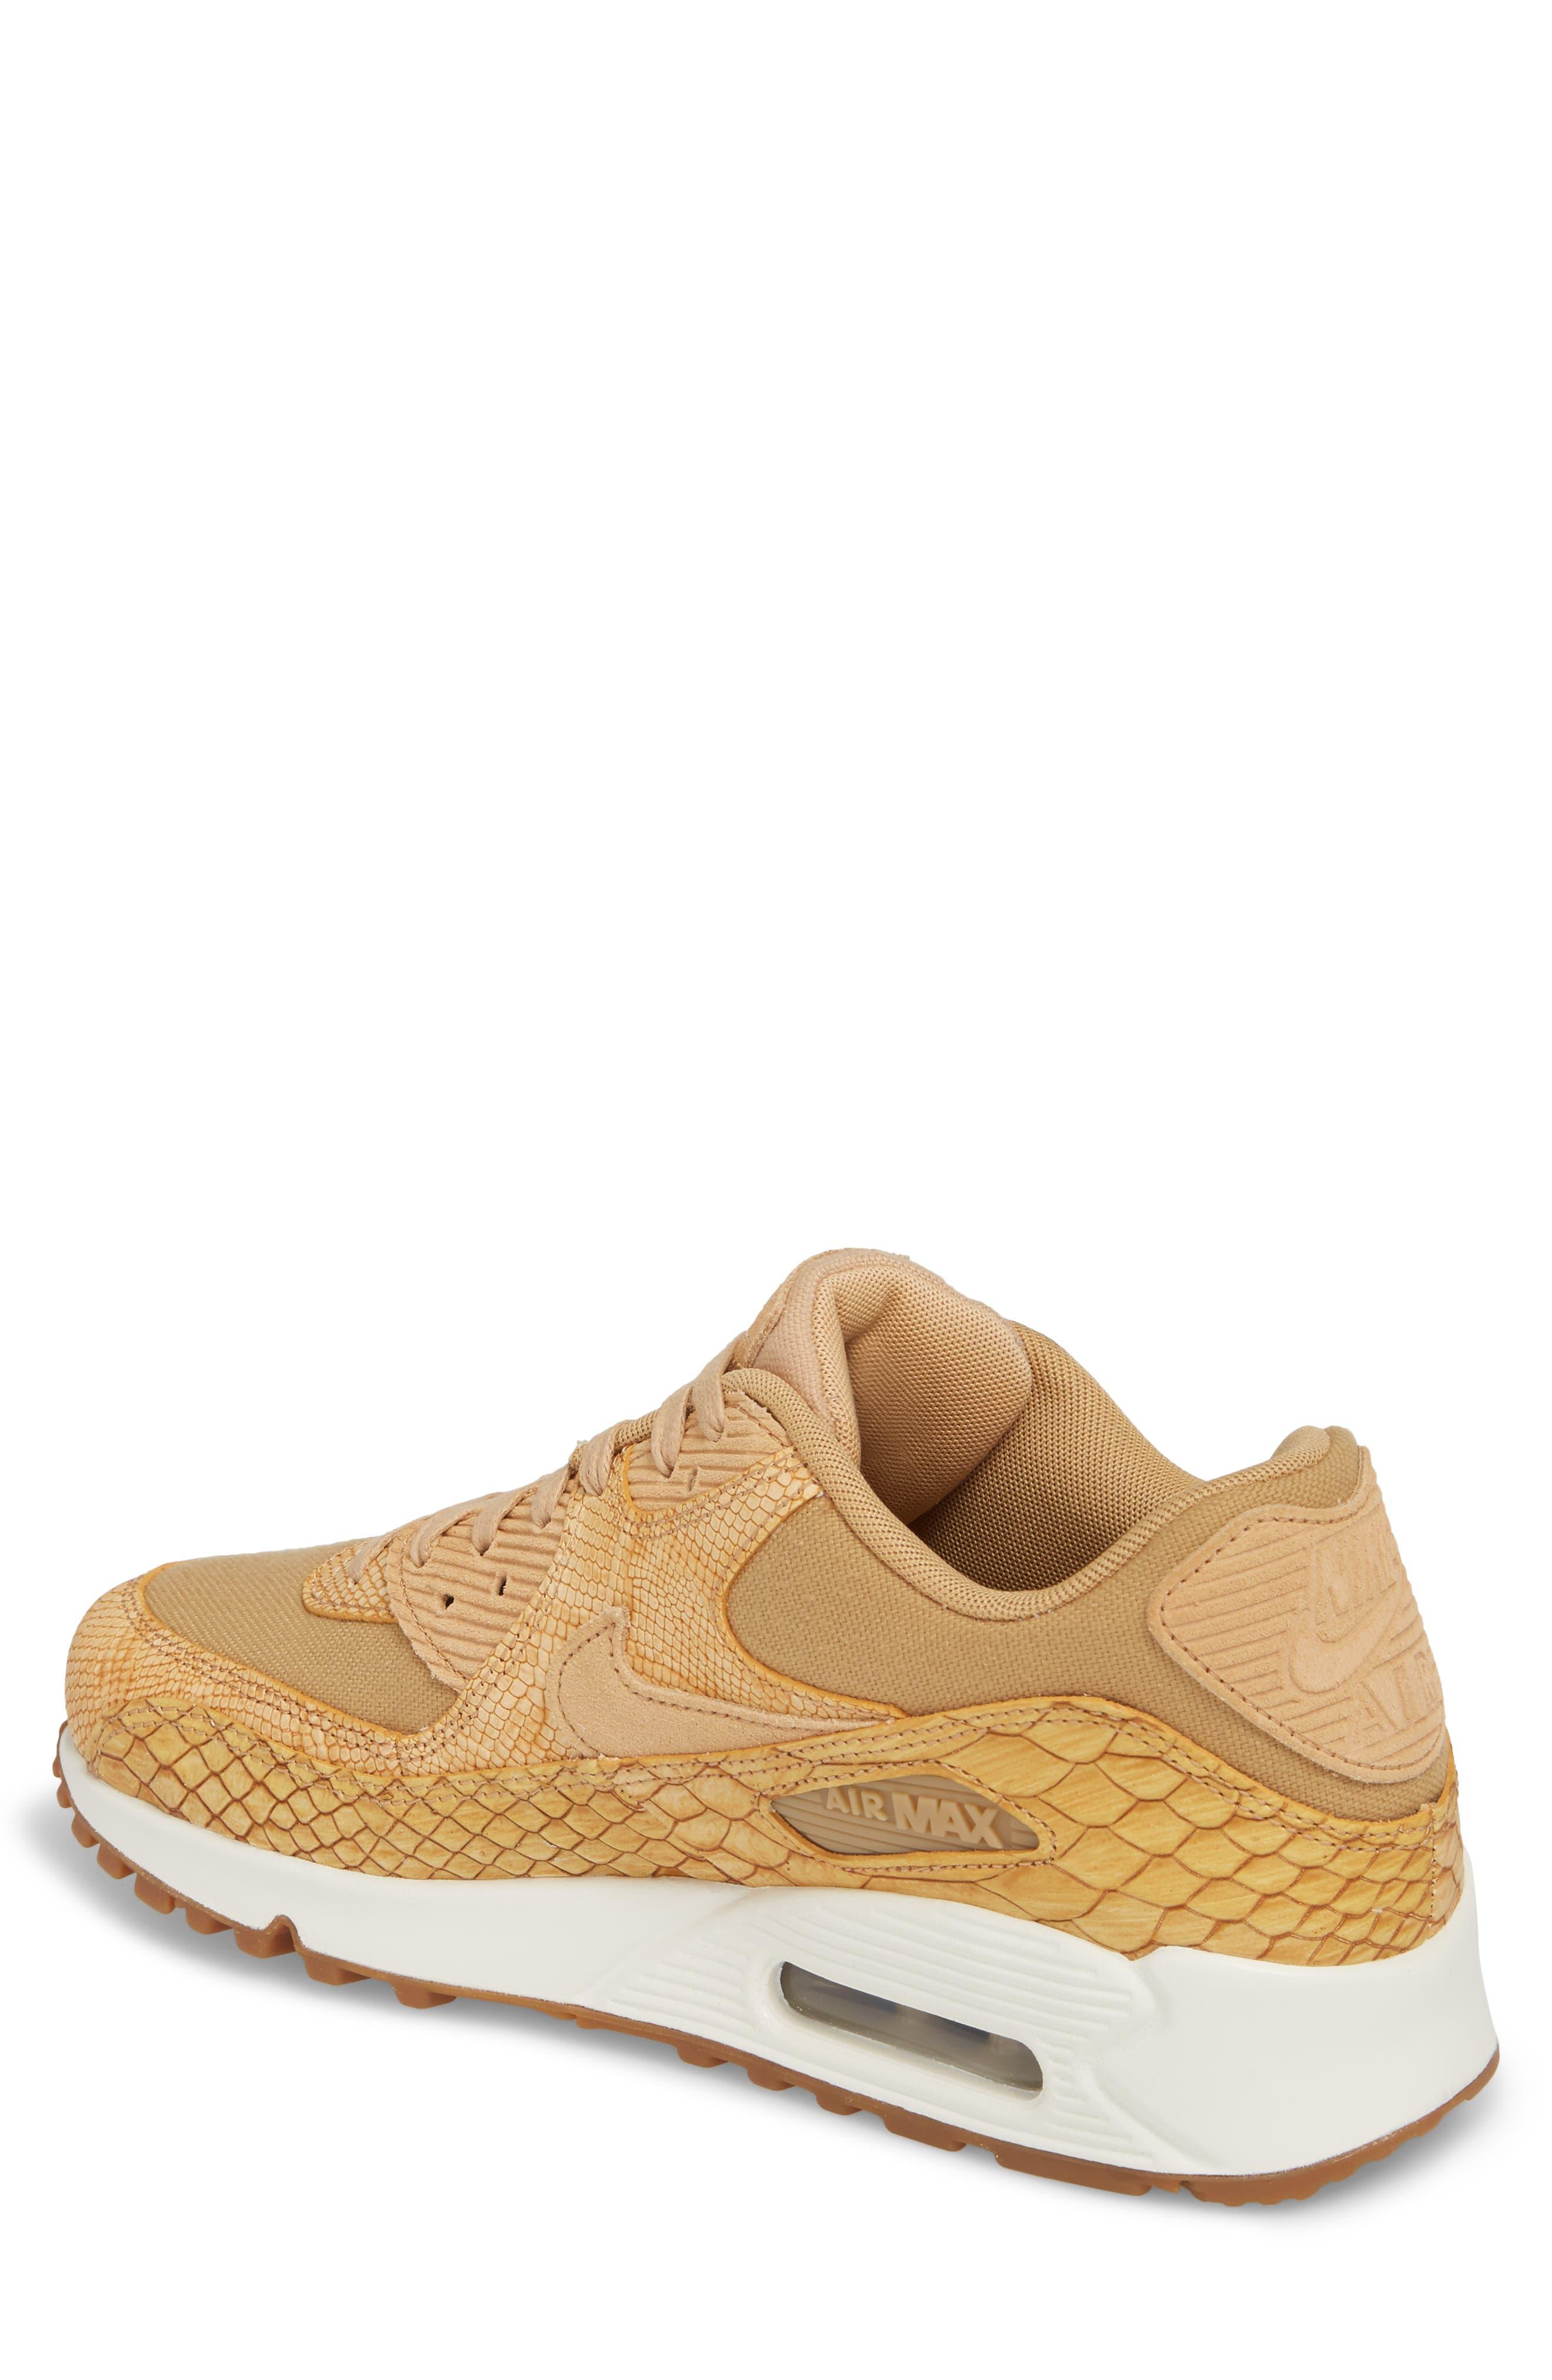 NIKE,                             Air Max 90 Premium Sneaker,                             Alternate thumbnail 2, color,                             200